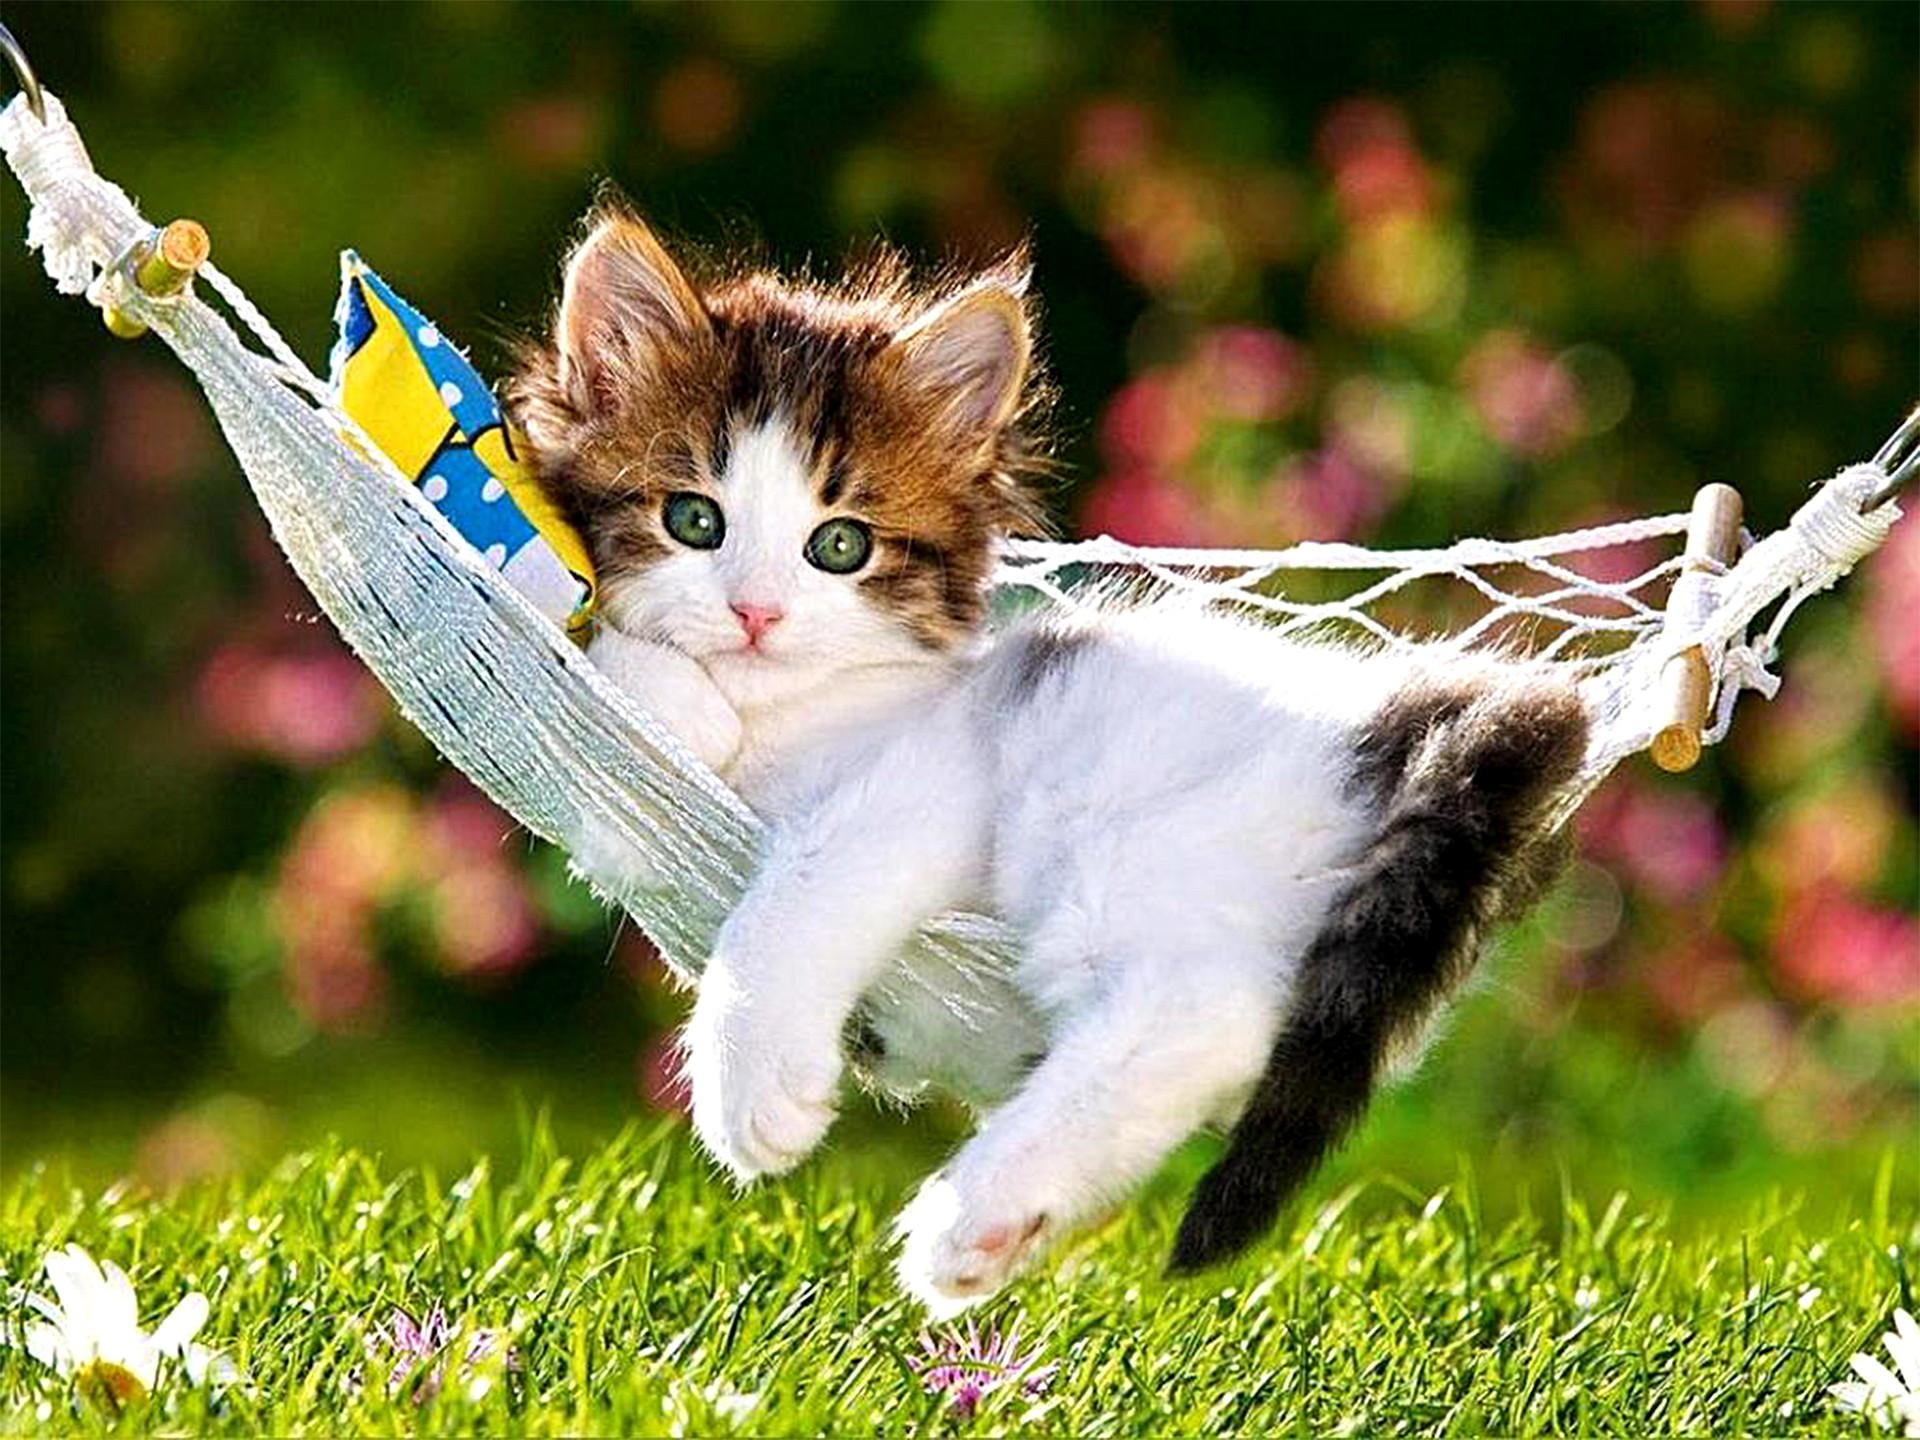 Hầu hết ai trong chúng ta cũng đều rất yêu động vật, bởi vì động vật hiền lành, ngốc nghếch và đáng yêu. Trong số đó mèo là loài động vật sống ...